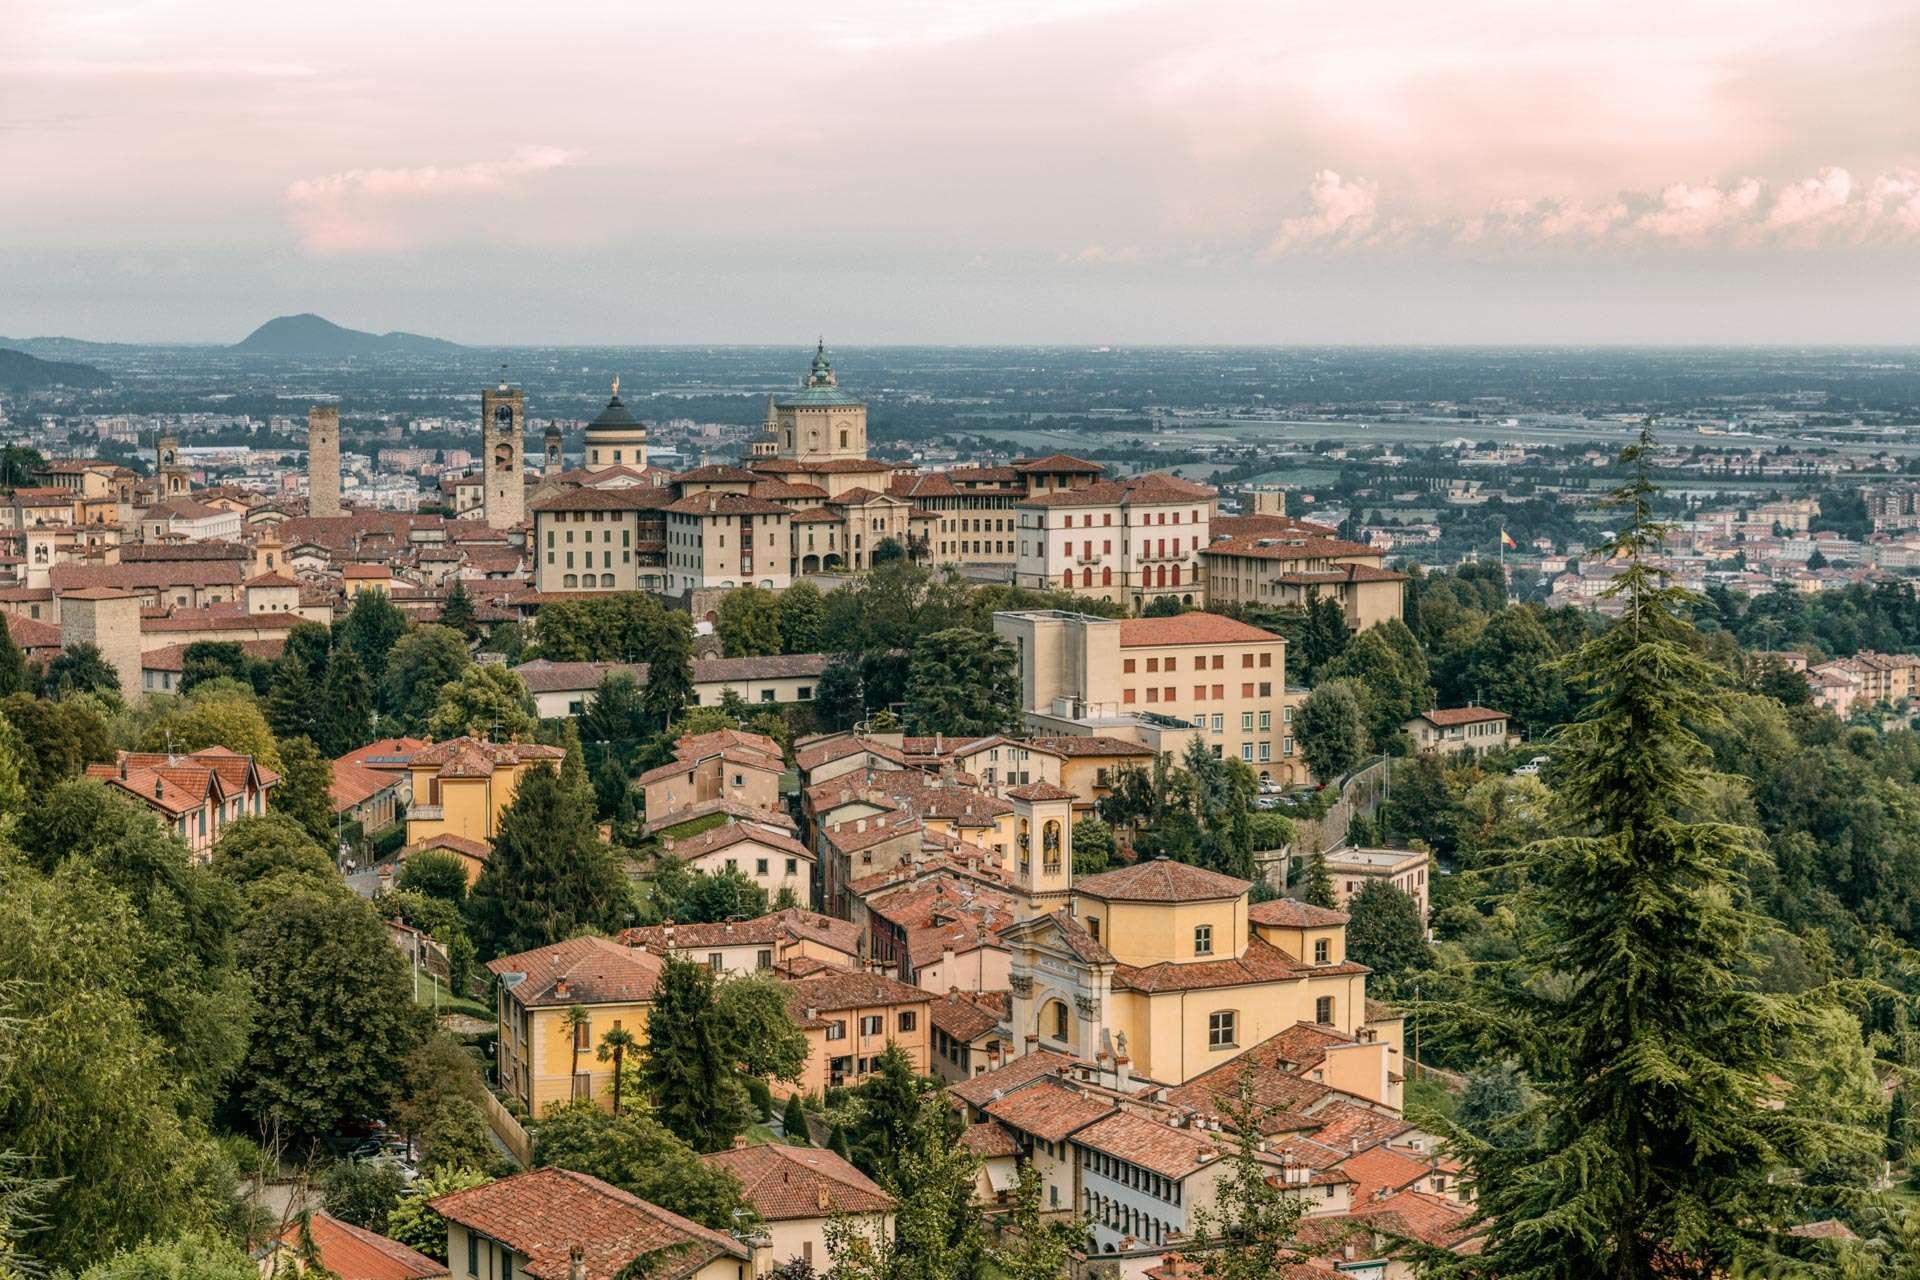 Den gamle by i Bergamo, bygget i det 16. århundrede.